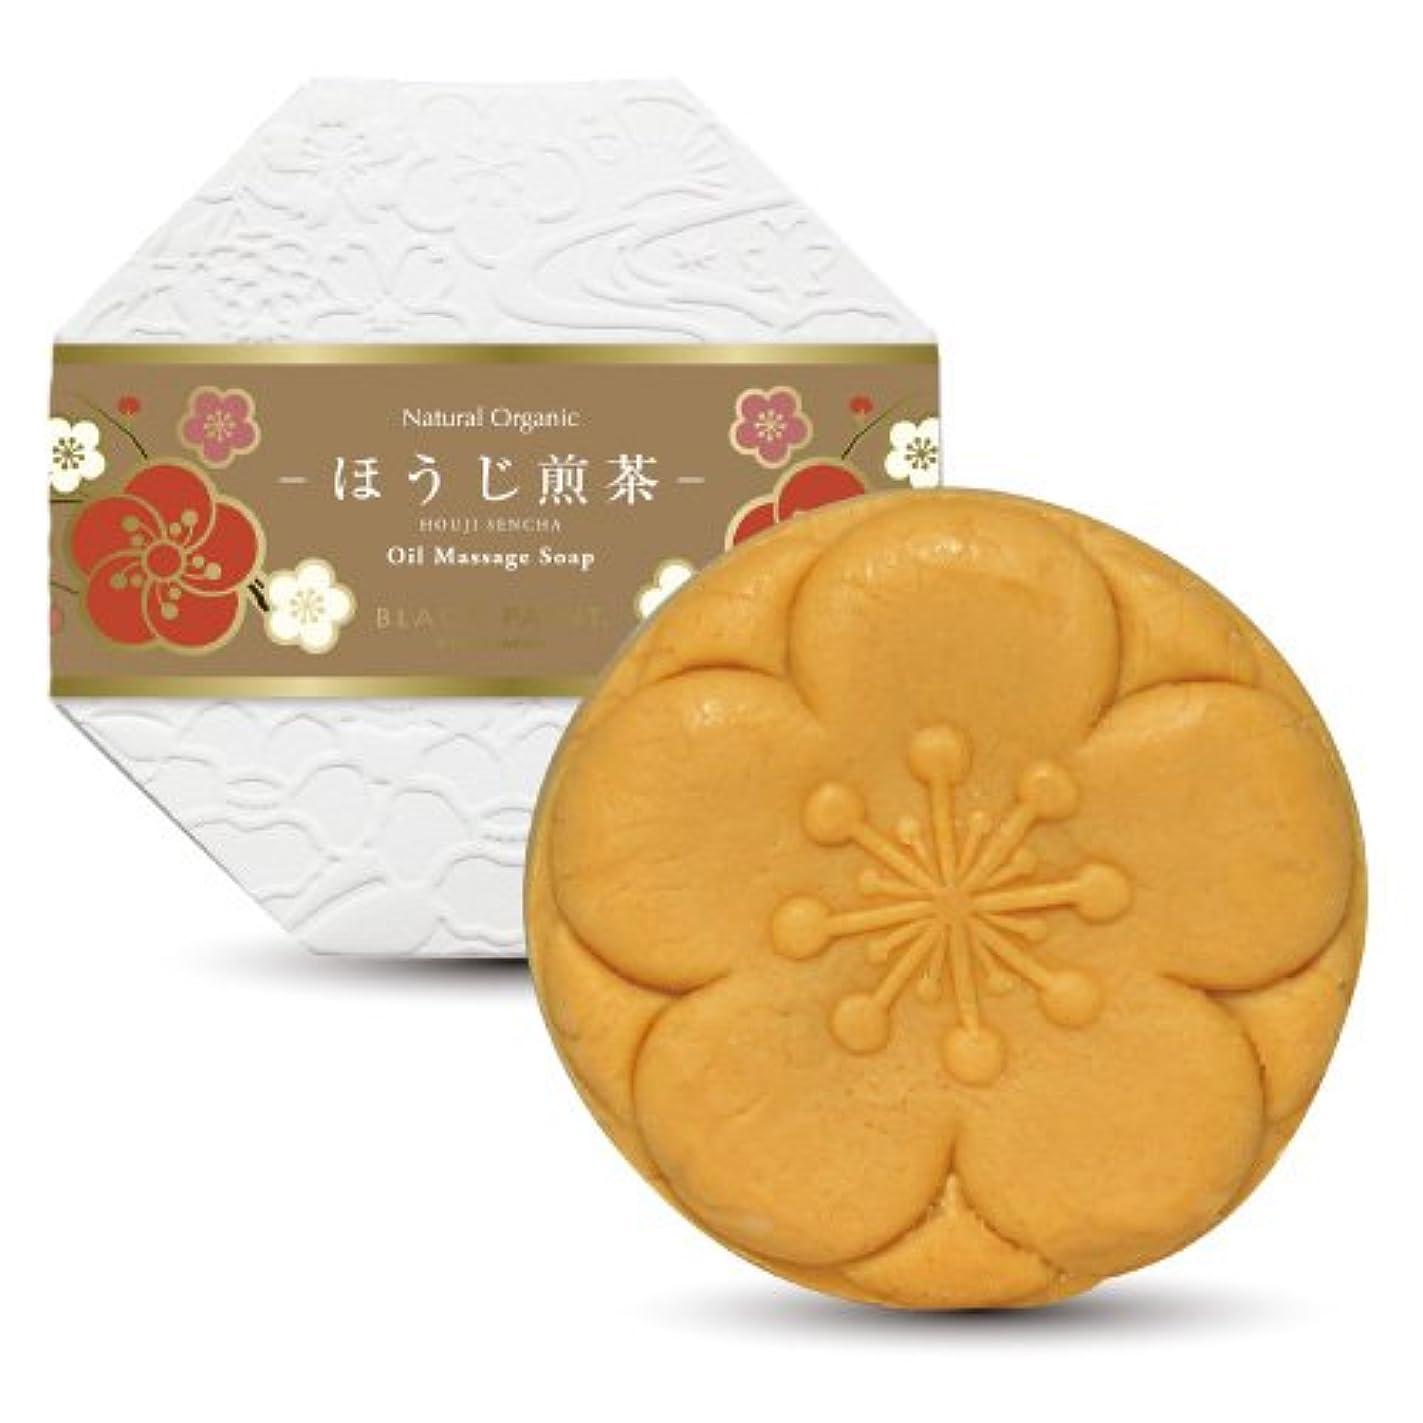 スリット原点下線京のお茶石鹸 ほうじ煎茶 120g 塗る石鹸